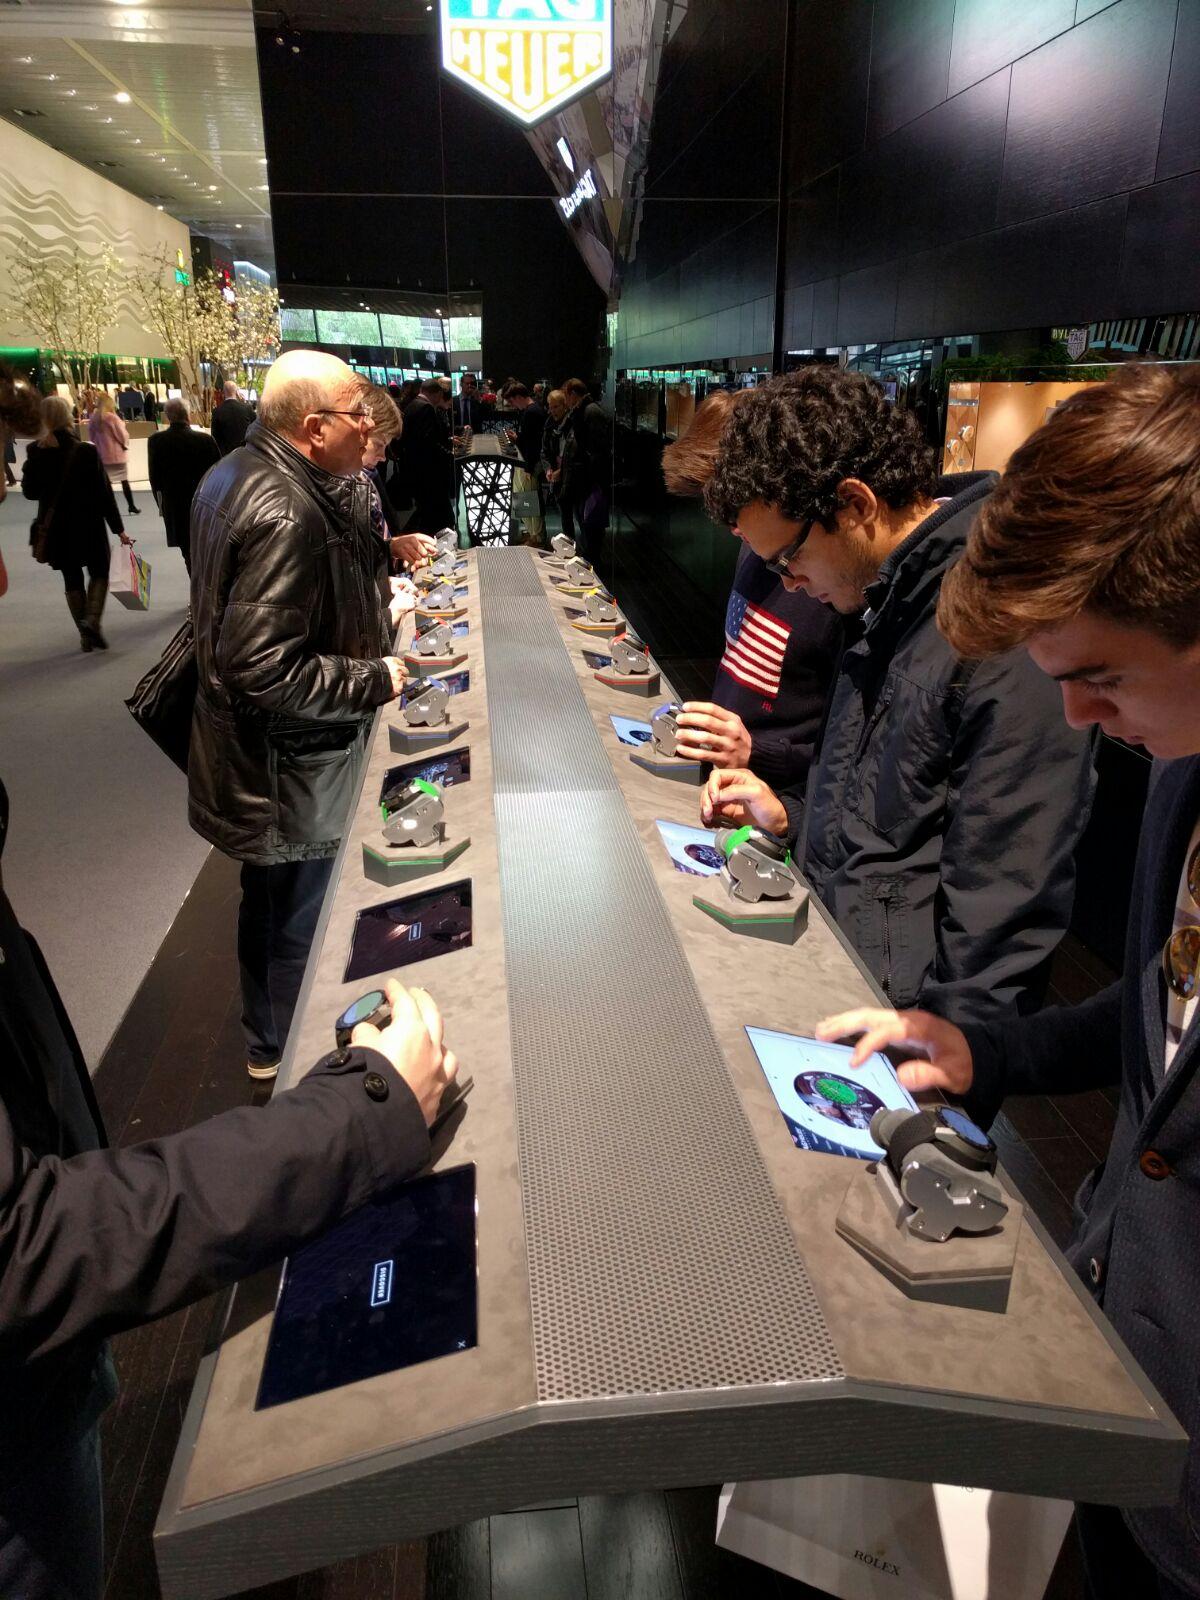 Les smartwatches, au coeur de l'attention du public Image: Barnebys